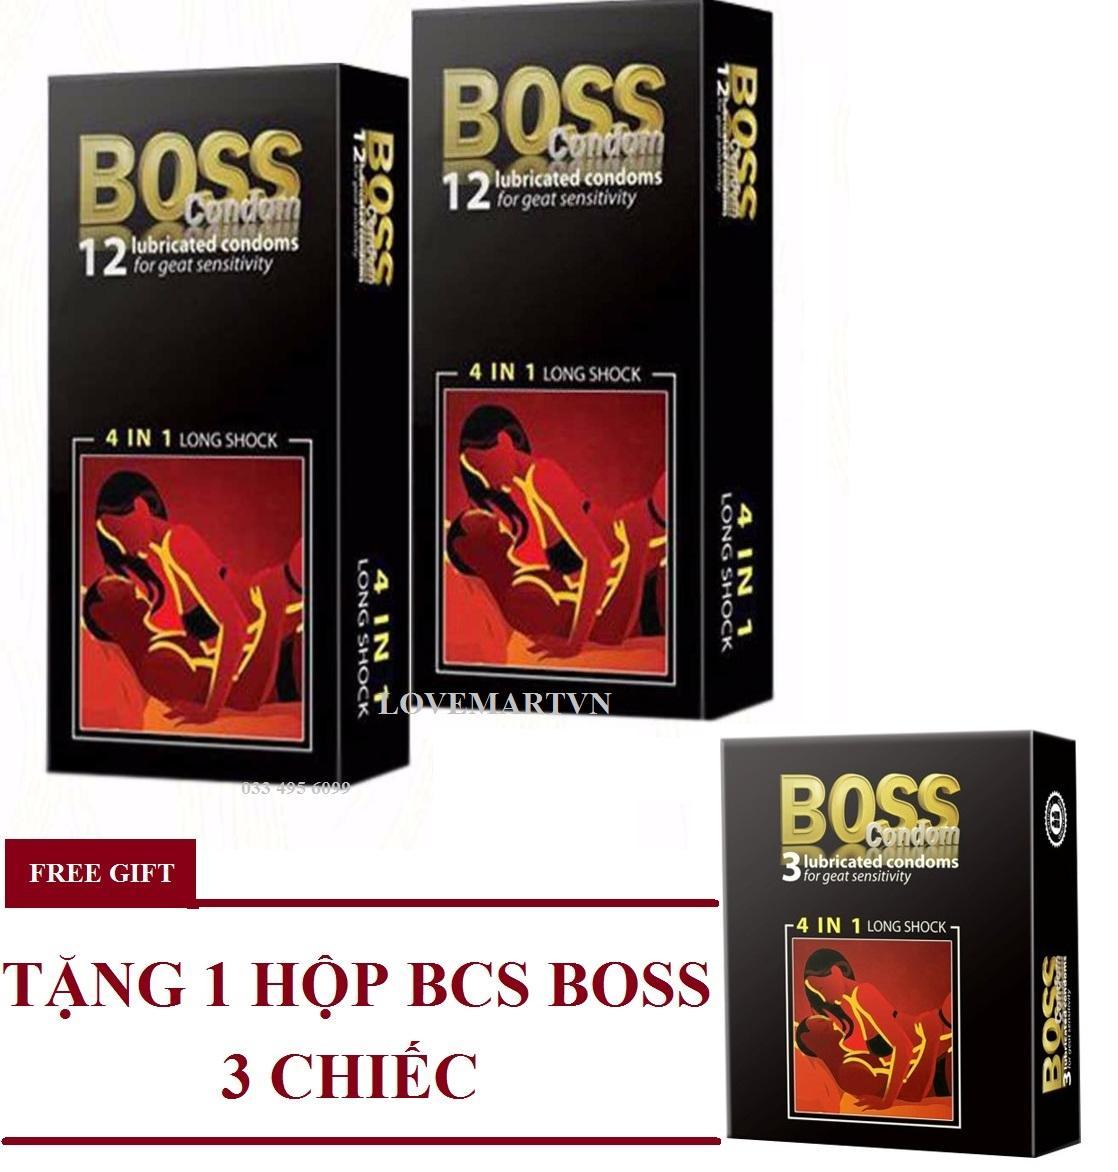 Bộ 2 hộp Bao cao su gân gai nổi - kéo dài thời gian cực tốt Boss 4in1 tặng 1 hộp 3 chiếc